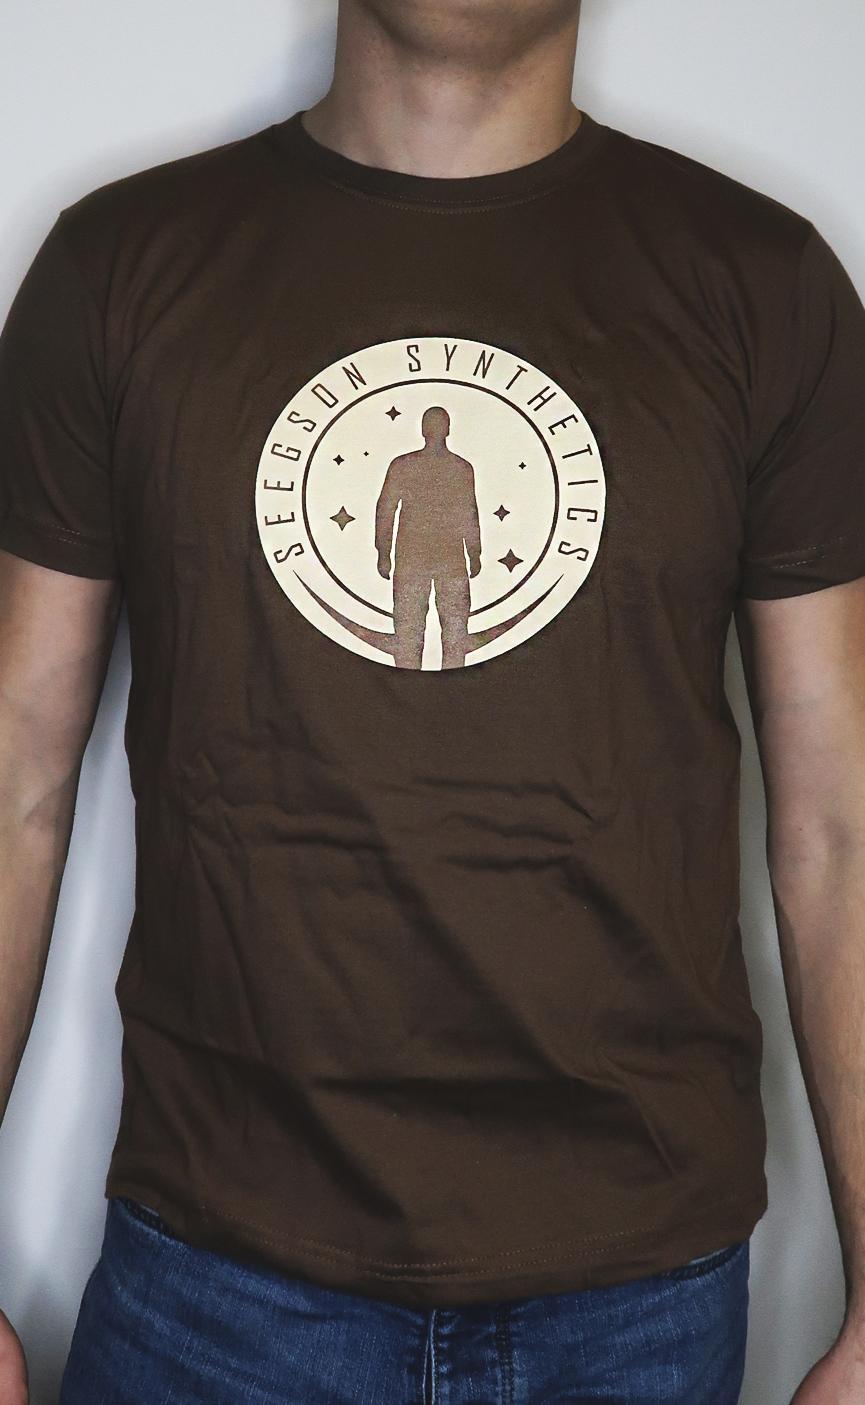 Koszulka Obcy: Izolacja rozmiar M